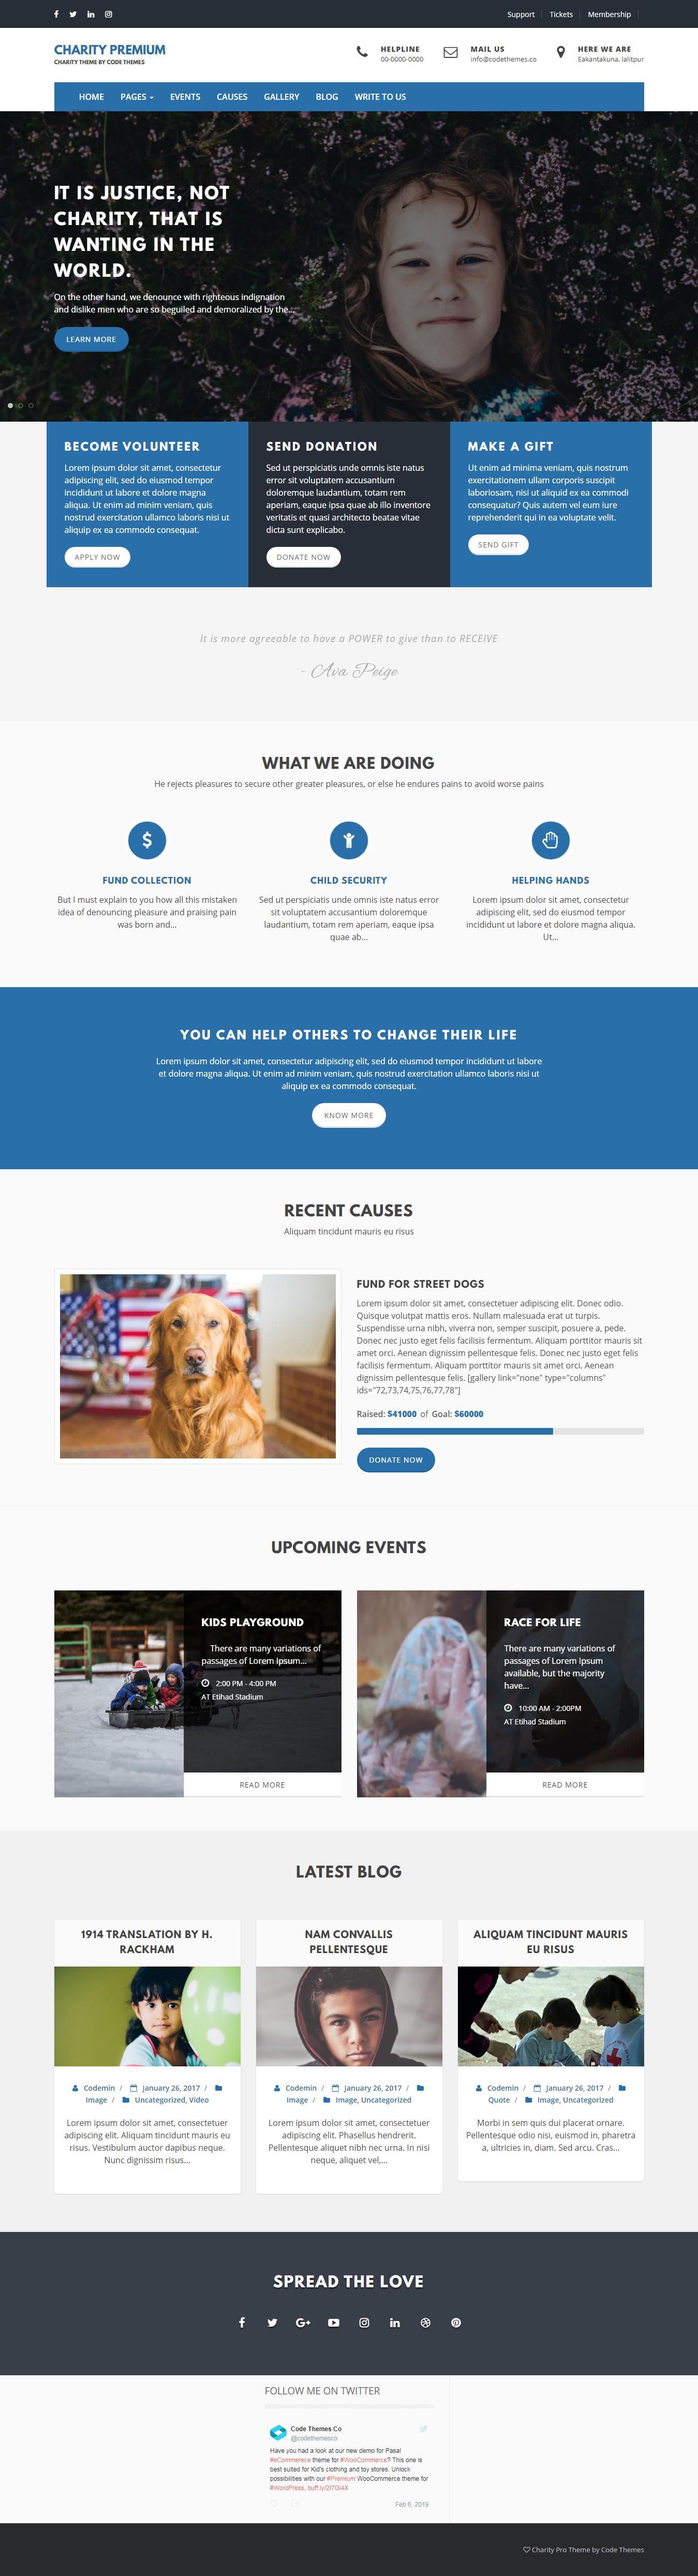 Charity Review: el mejor tema de WordPress de revisión gratuita